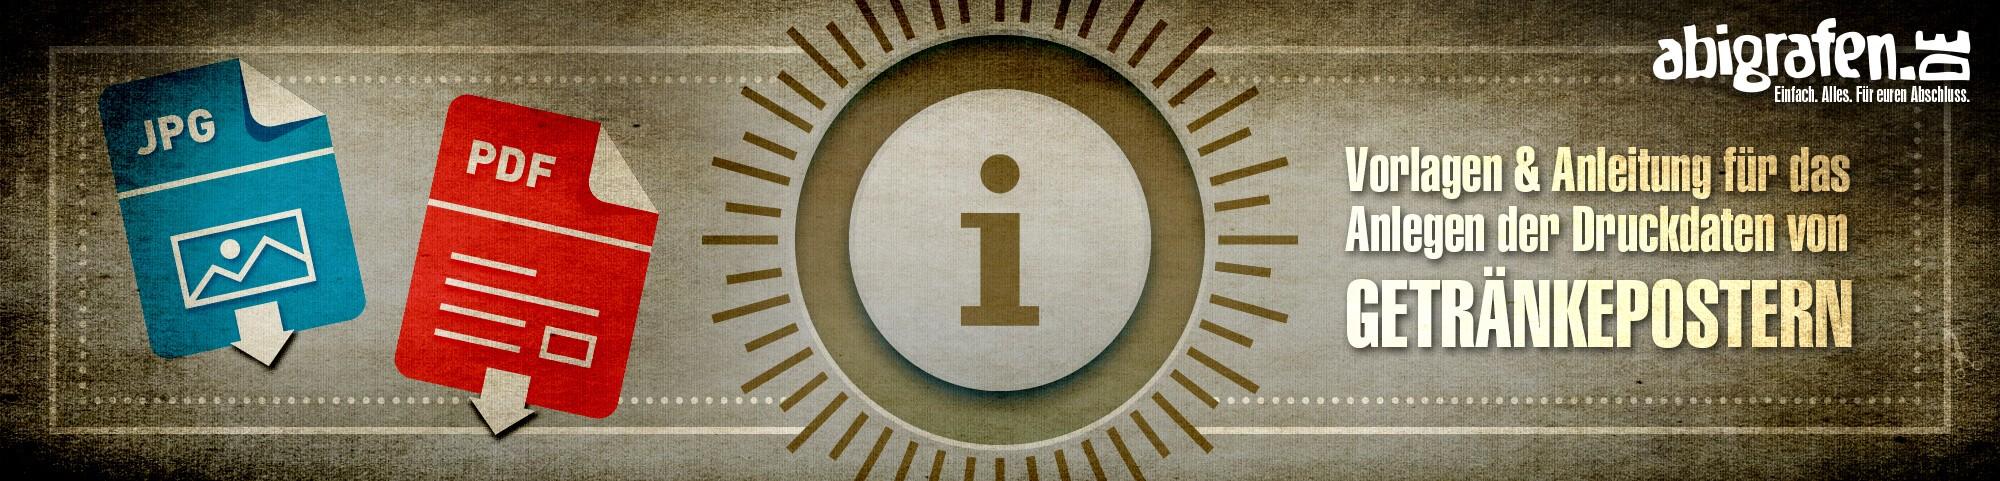 gratis Druckanleitung und Mustervorlagen mit Beschnitt und Auflösung zum Abi Party Plakate drucken (DIN A3, DIN A2, DIN A1)